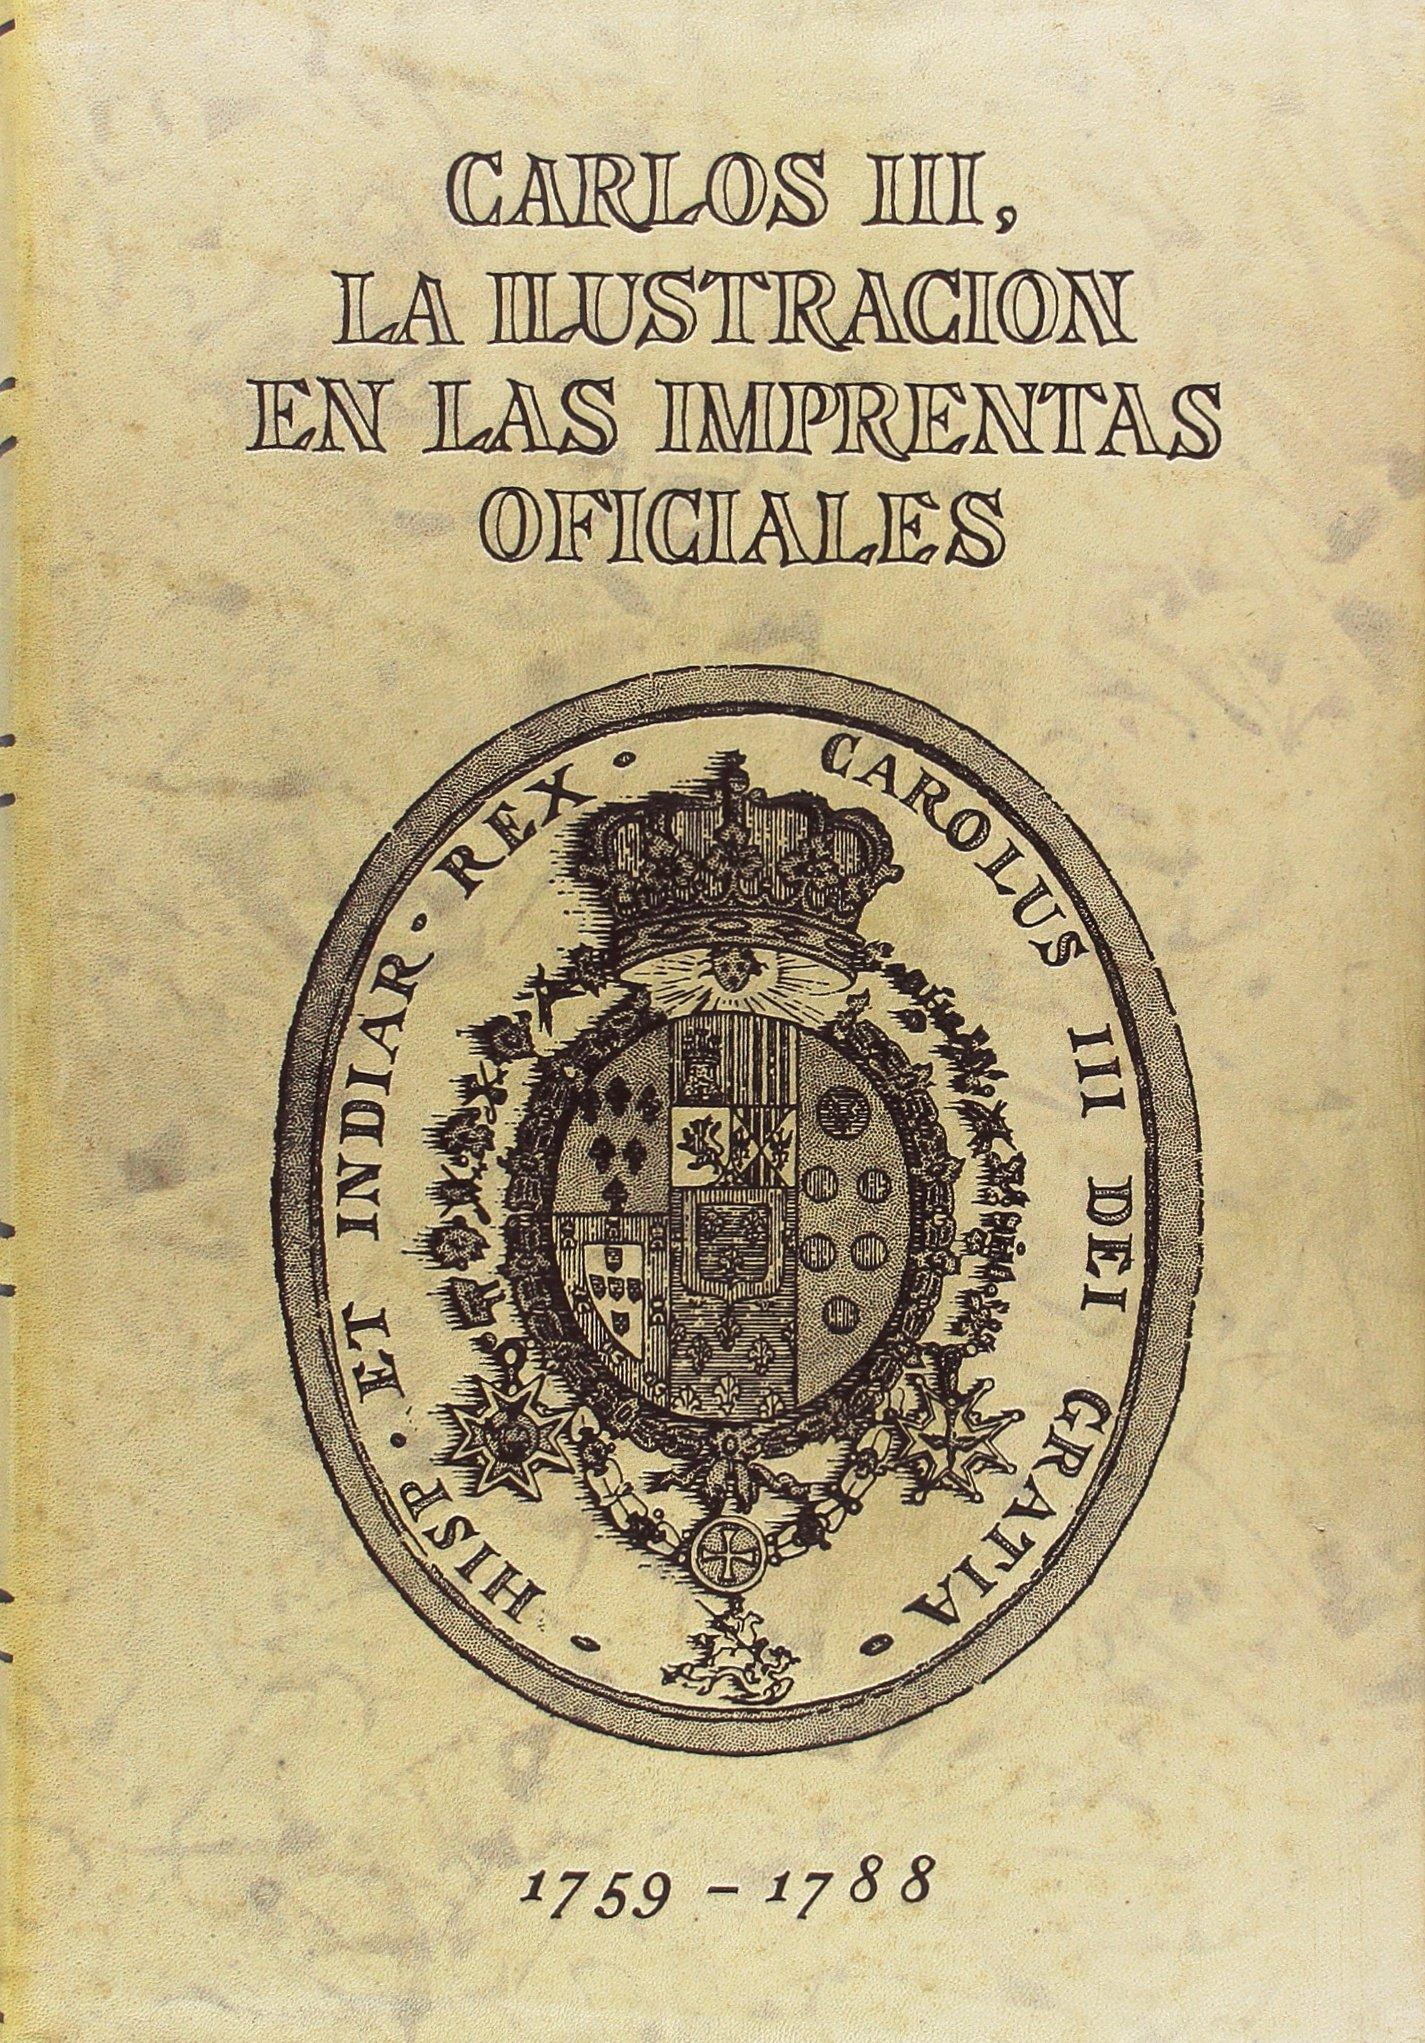 Carlos III, la Ilustración en las imprentas oficiales Textos Históricos: Amazon.es: Boletín Oficial del Estado: Libros